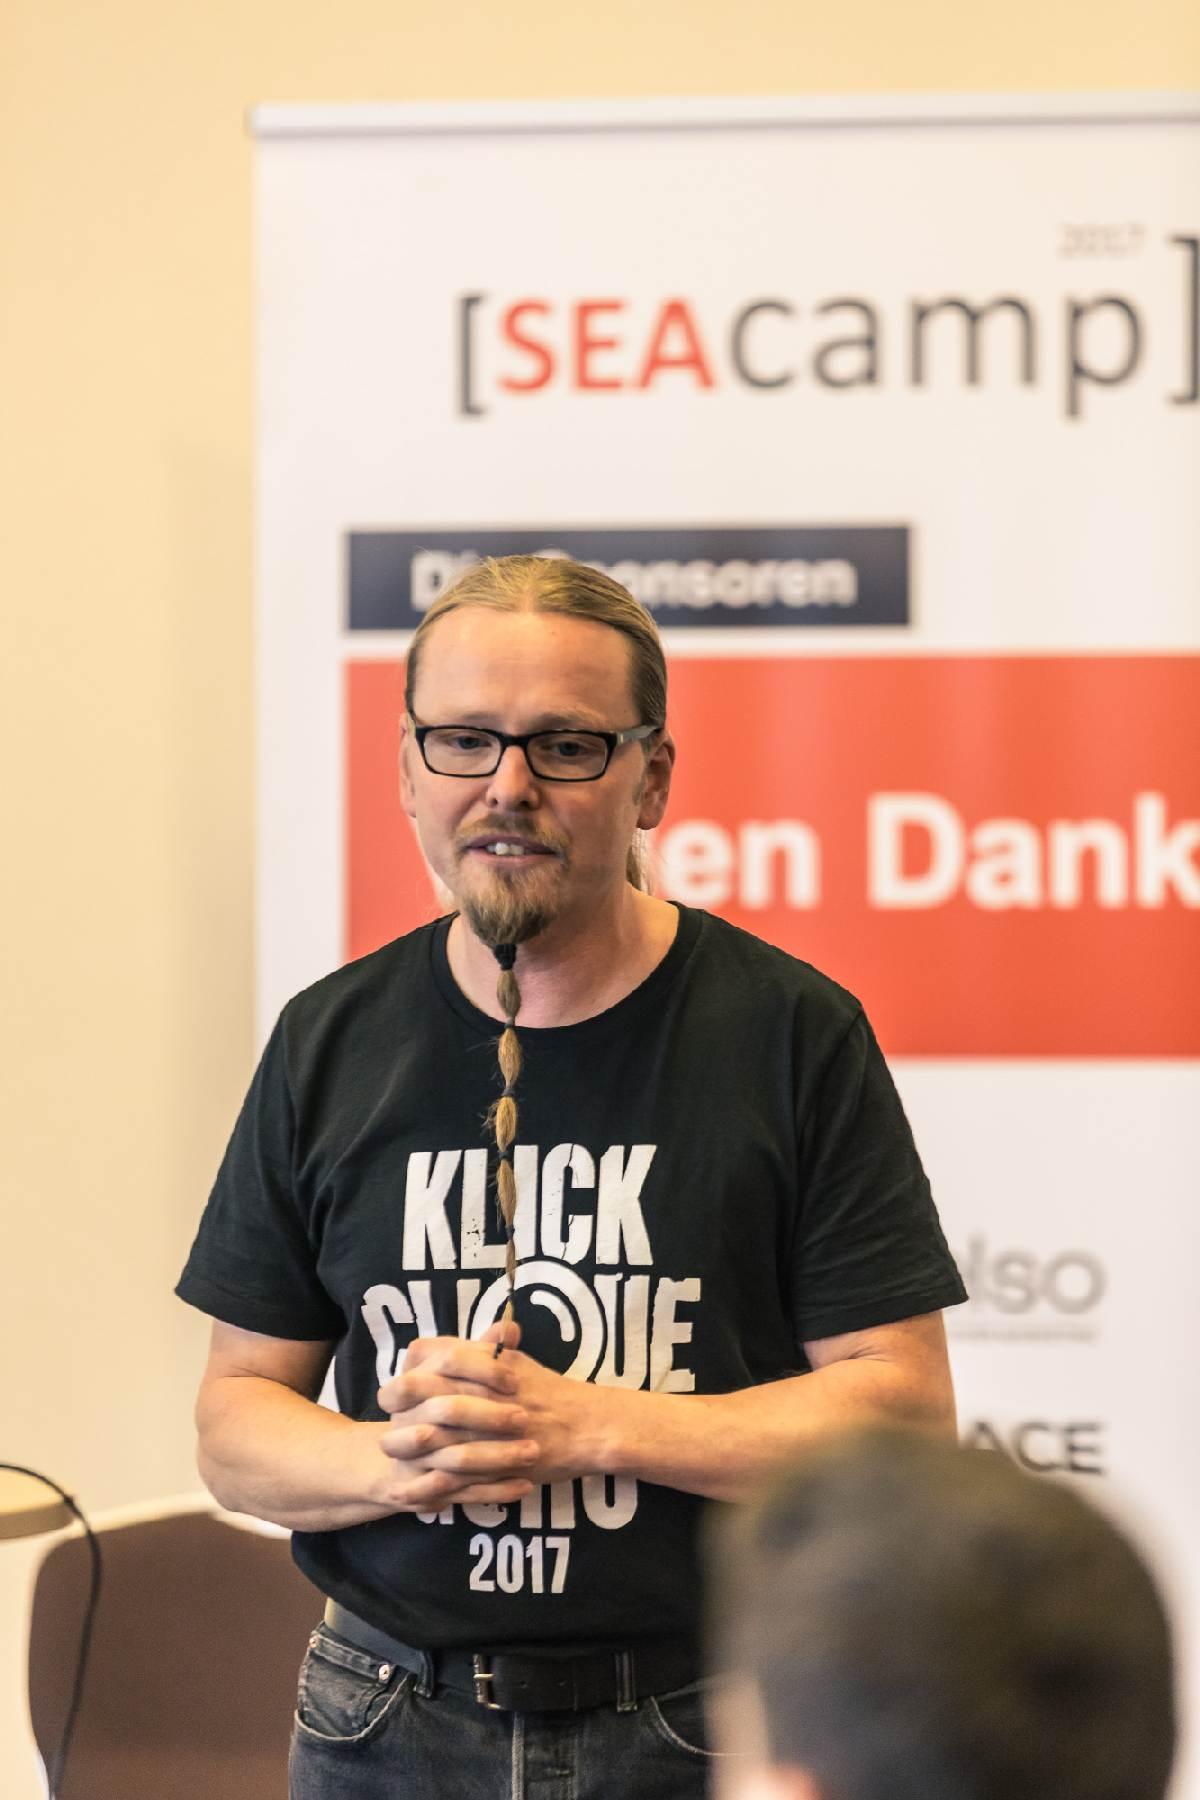 hannover_2017_SEAcamp-922